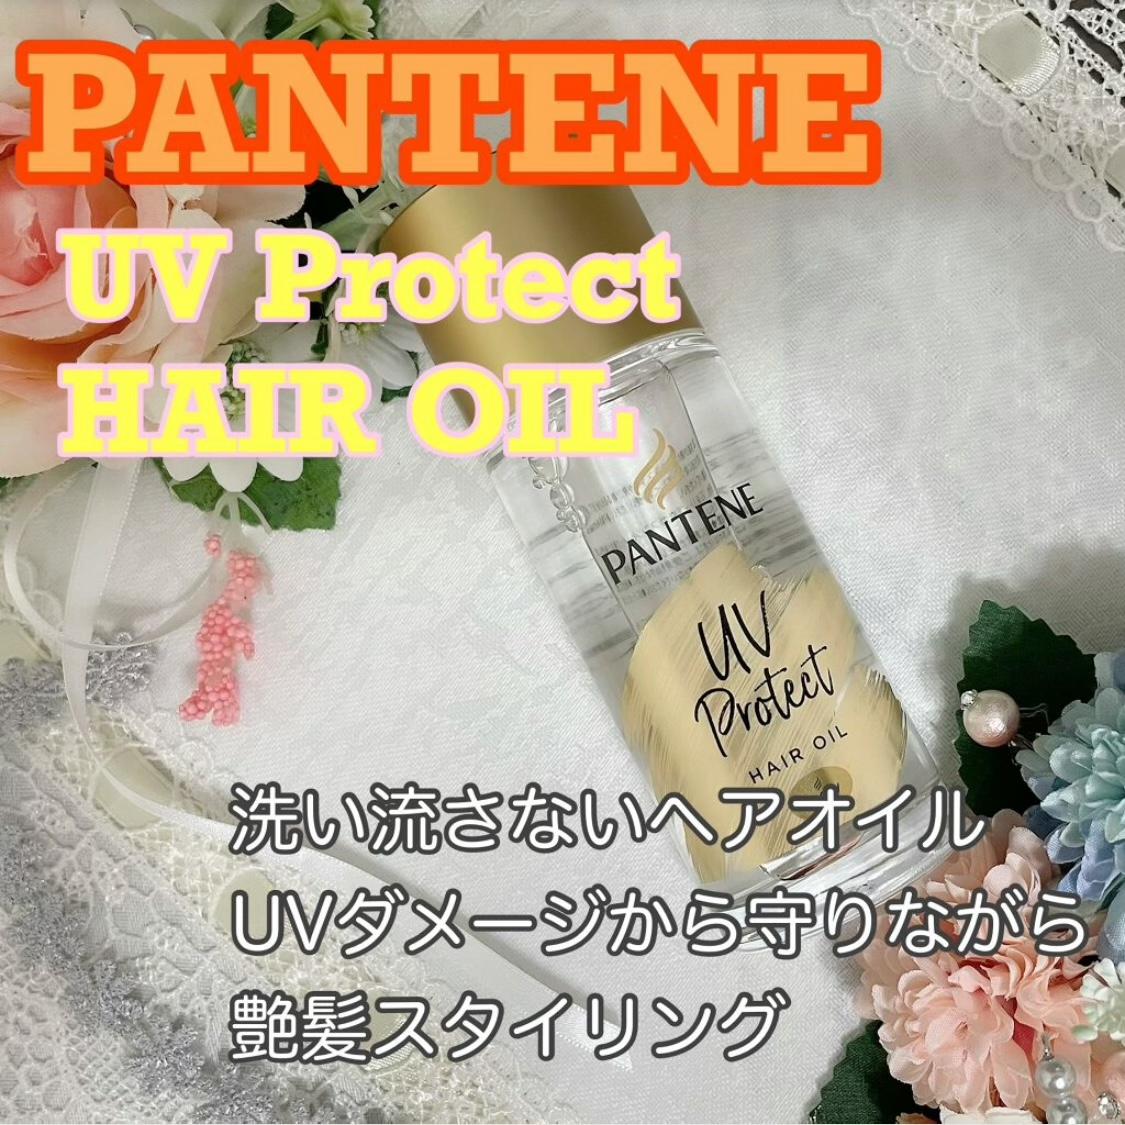 PANTENE(パンテーン)UVカット ヘアオイルを使ったかおきちさんのクチコミ画像